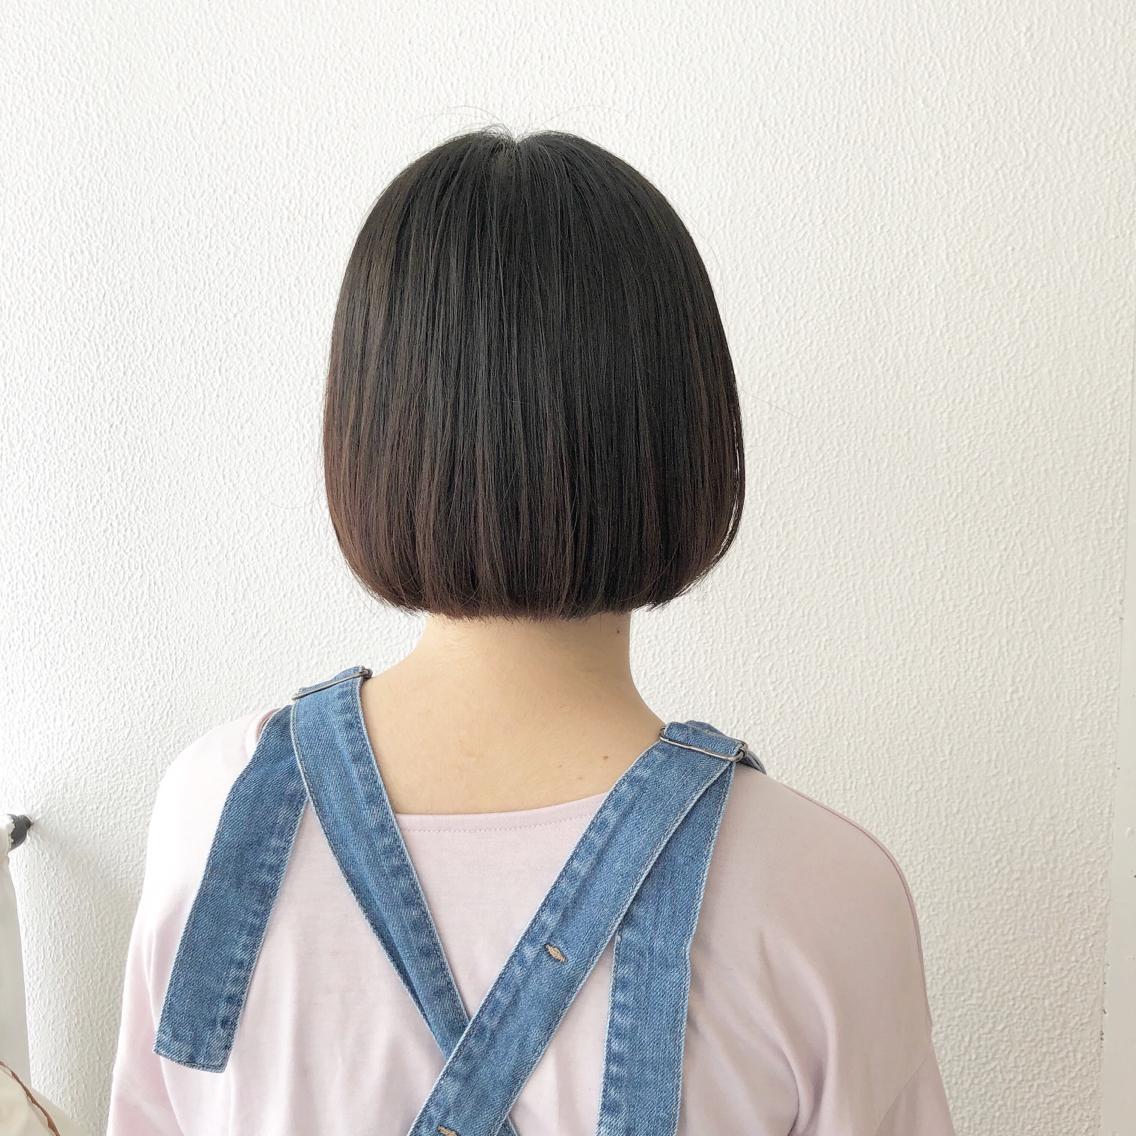 #ショート #カラー #パーマ #ヘアアレンジ 【バルーンボブ】  Instagramにもヘアスタイル載せてますので是非♪♪  https://instagram.com/yuuki_matsui_/